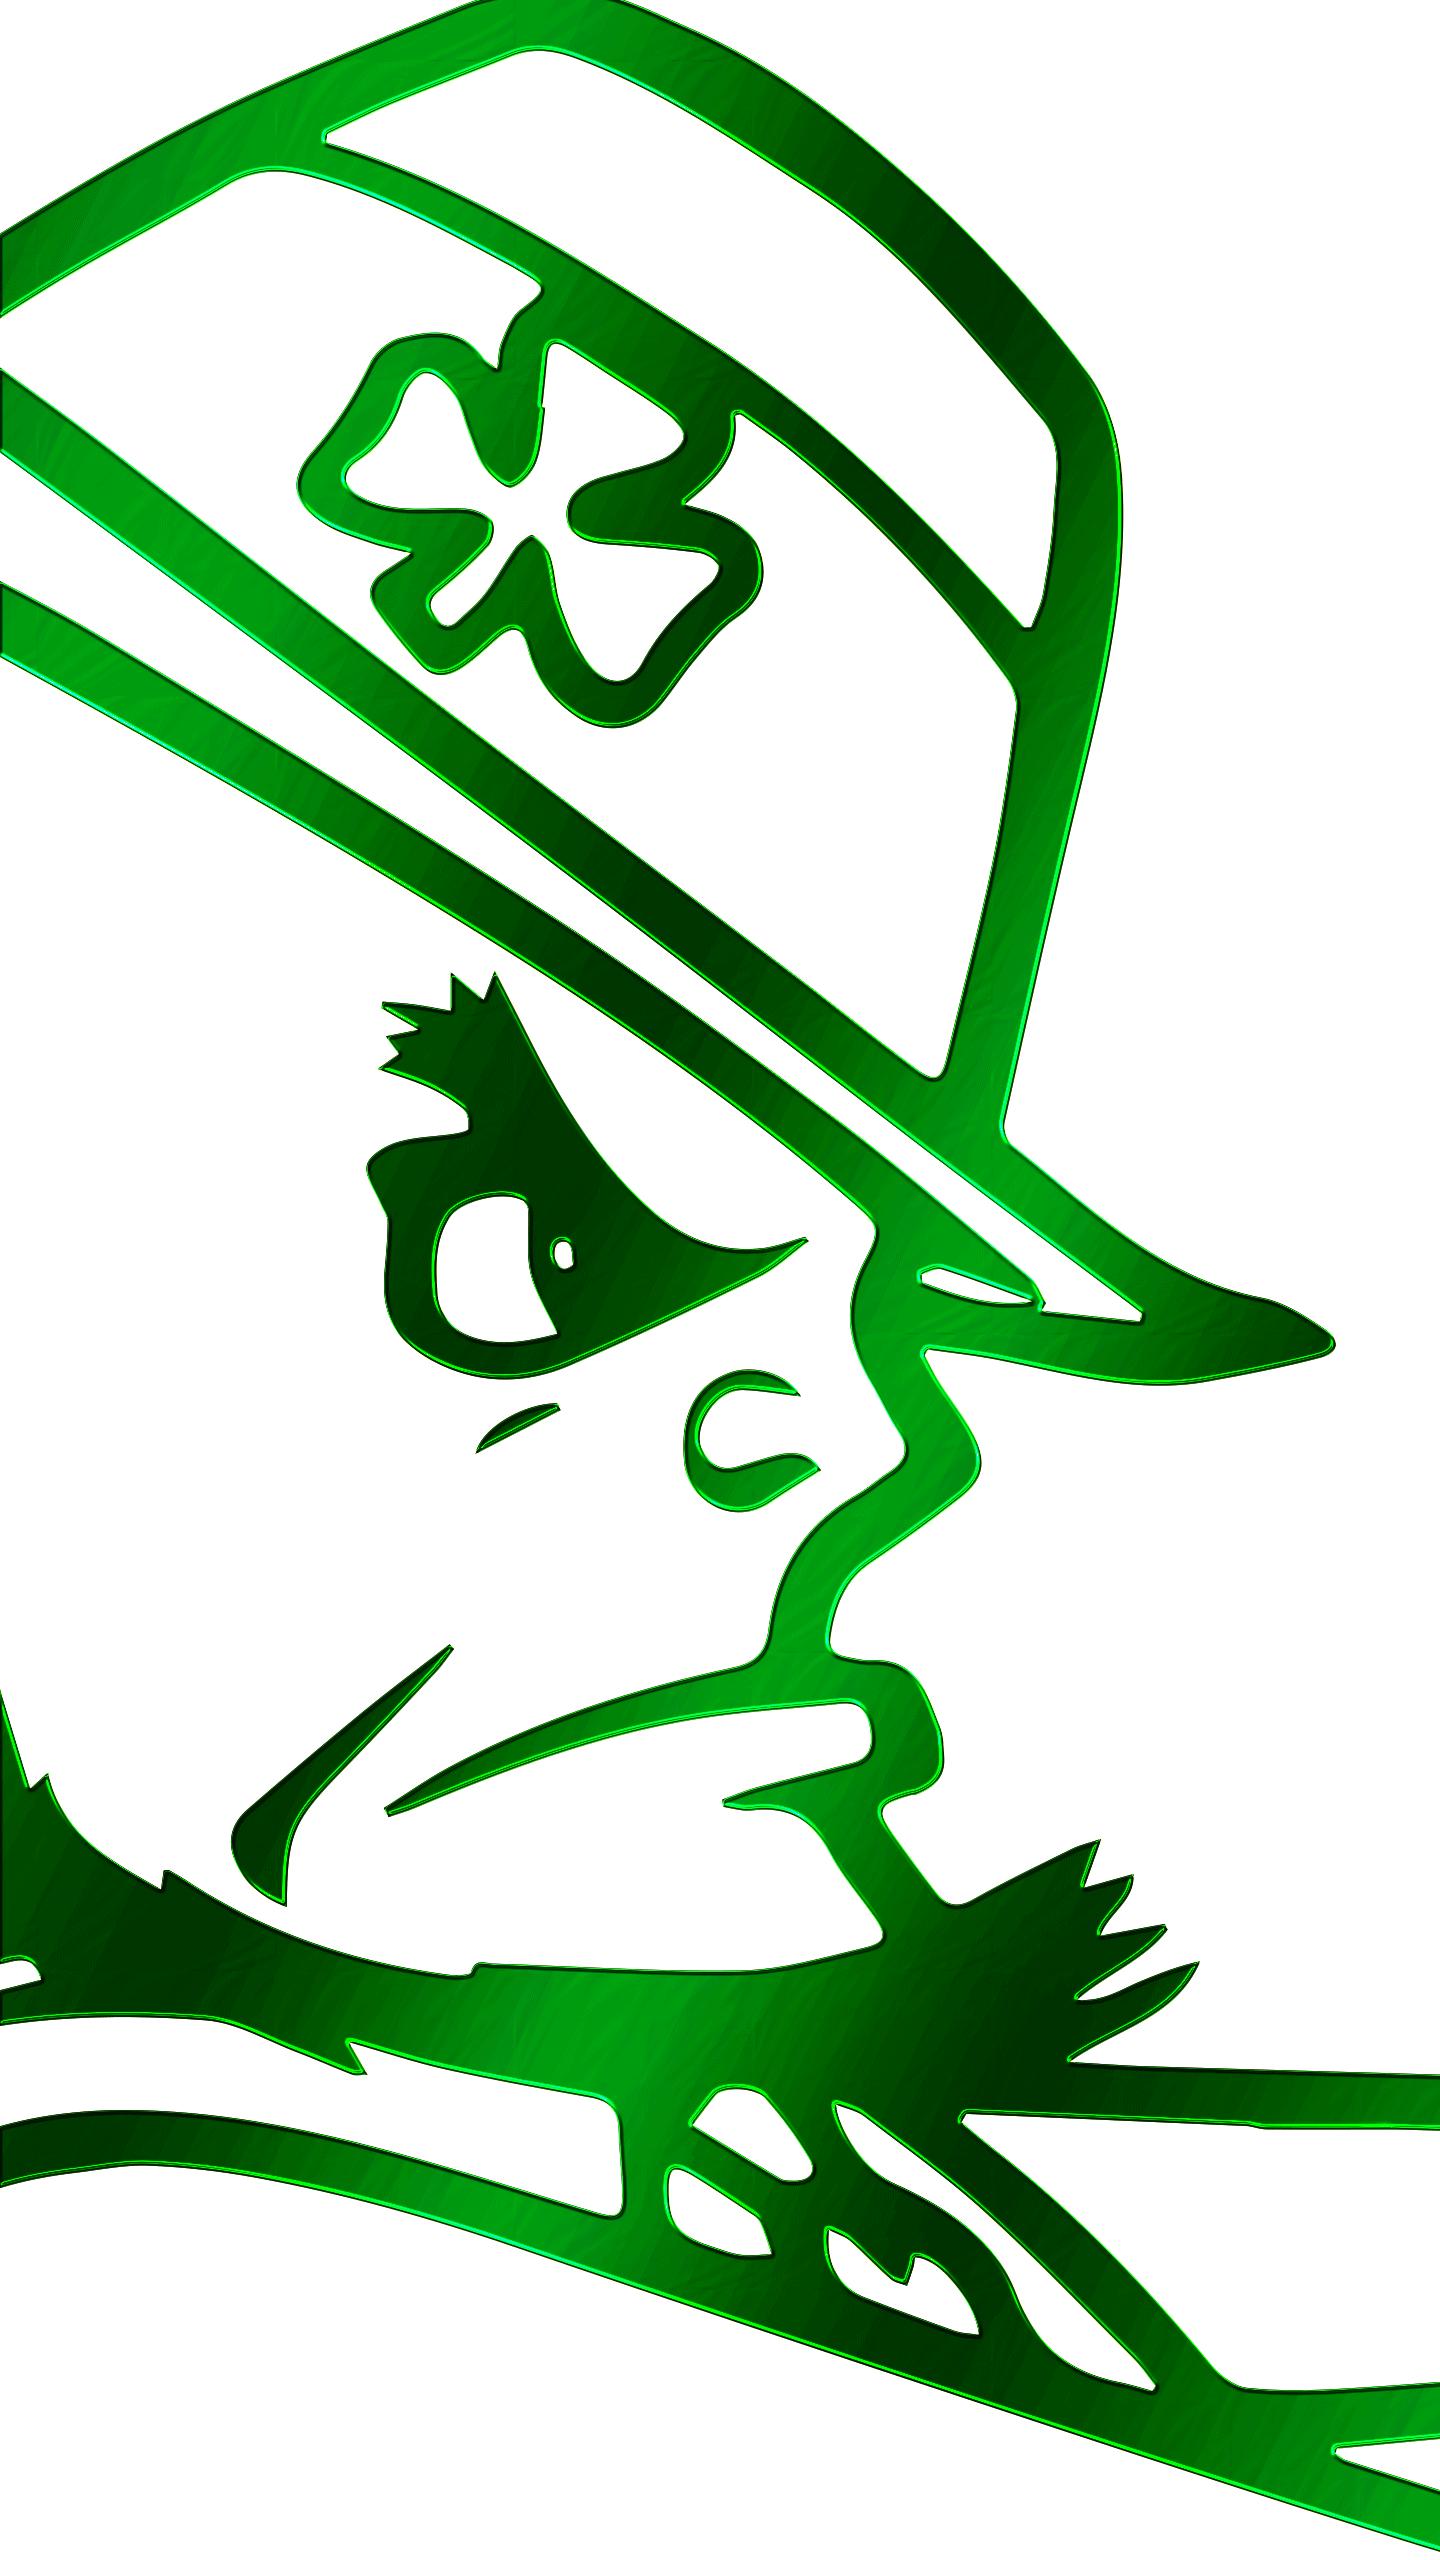 Notre Dame Leprechaun Wallpaper